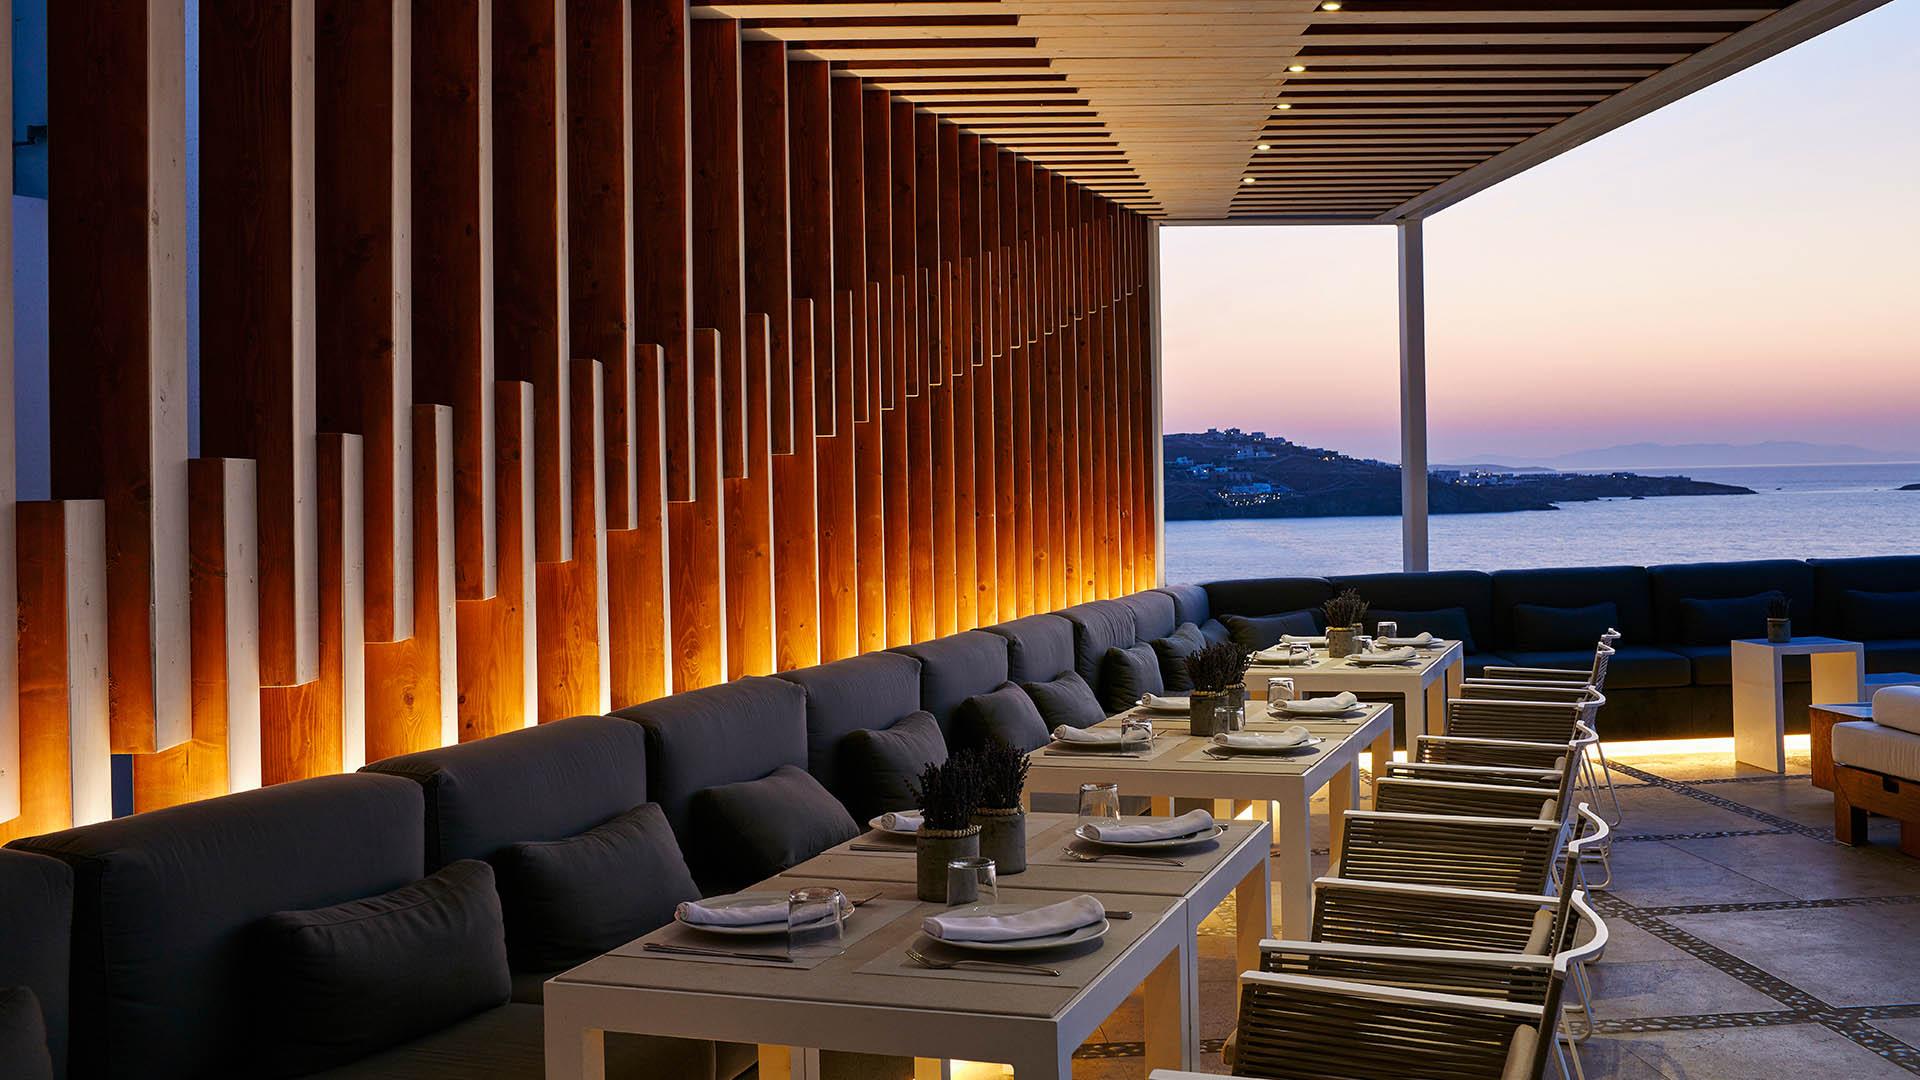 3 must-try restaurants in Mykonos